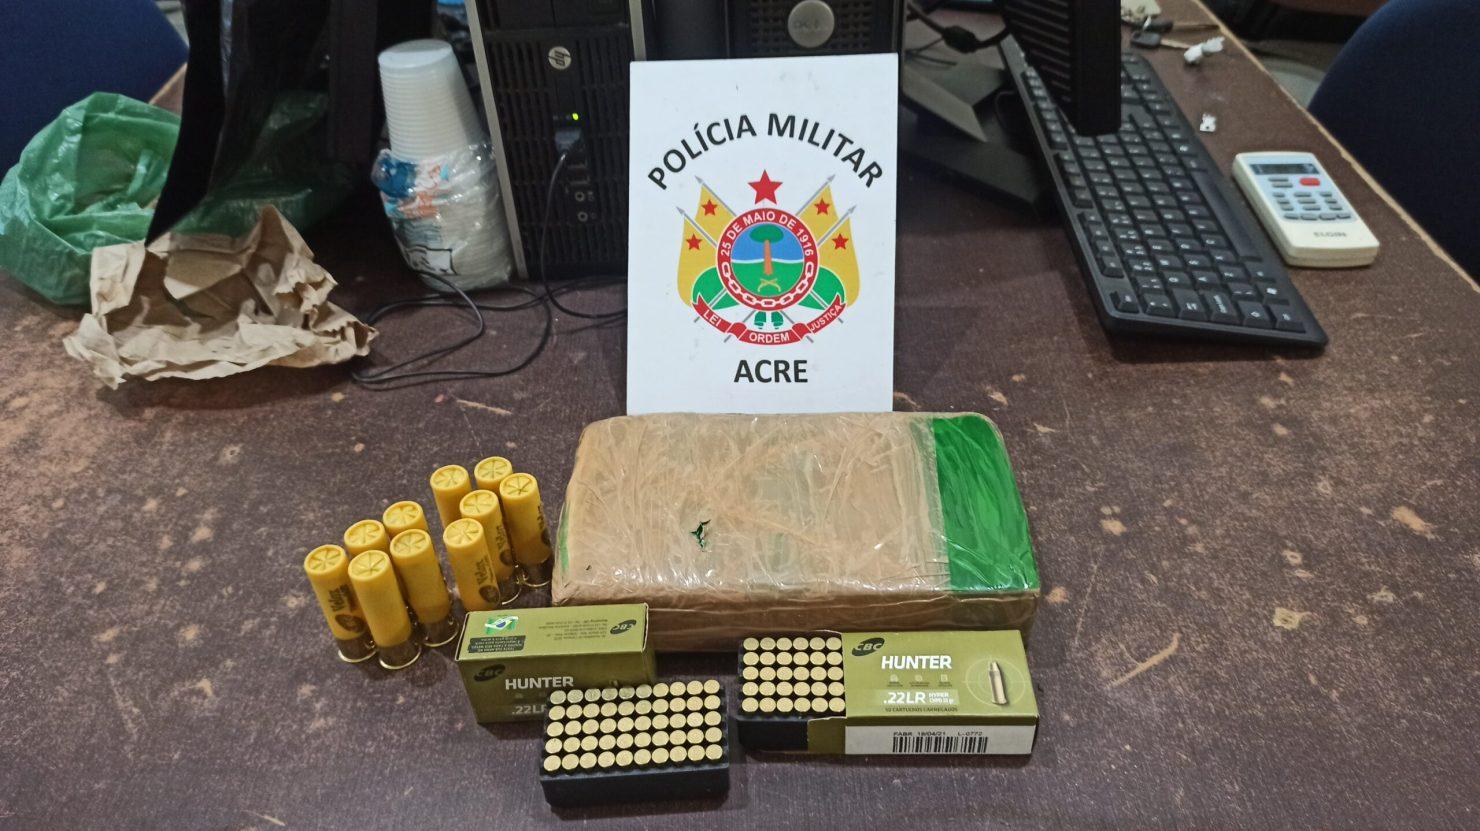 Agricultor é preso ao transportar mais de 1 kg de cocaína e munições para a zona rural